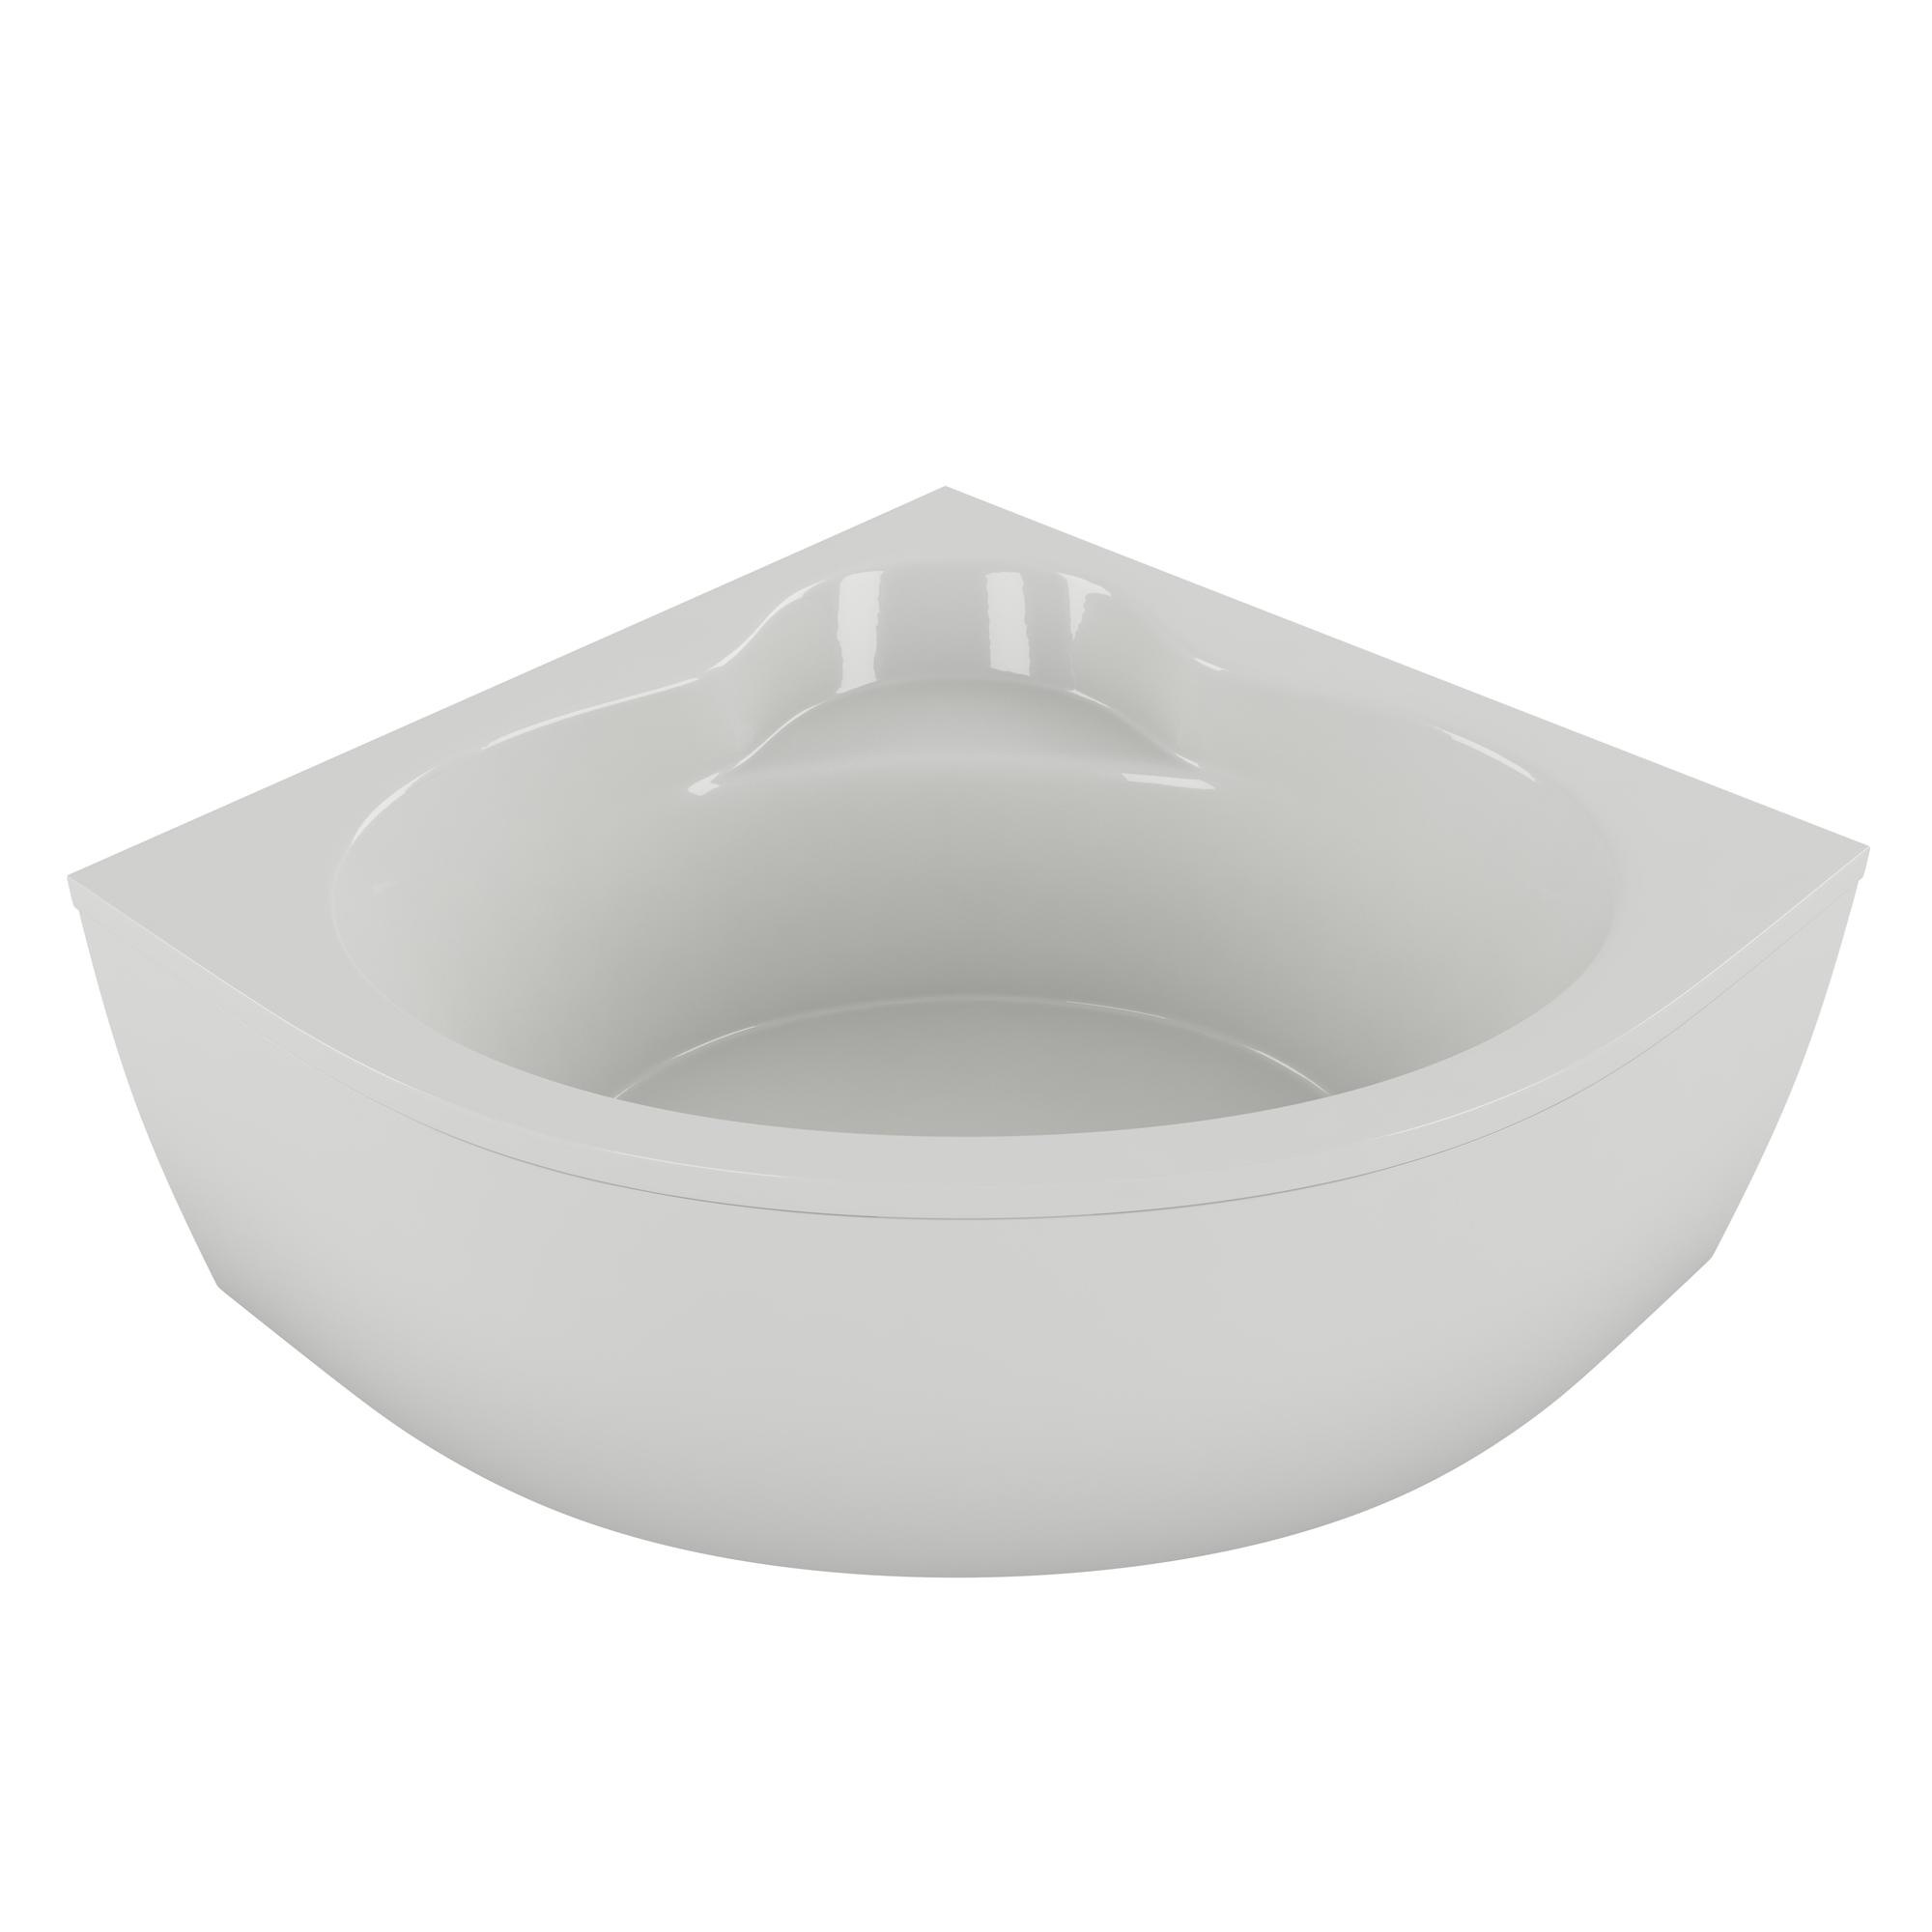 купить Акриловая ванна Акватек Ума 145x145 без гидромассажа по цене 13500 рублей